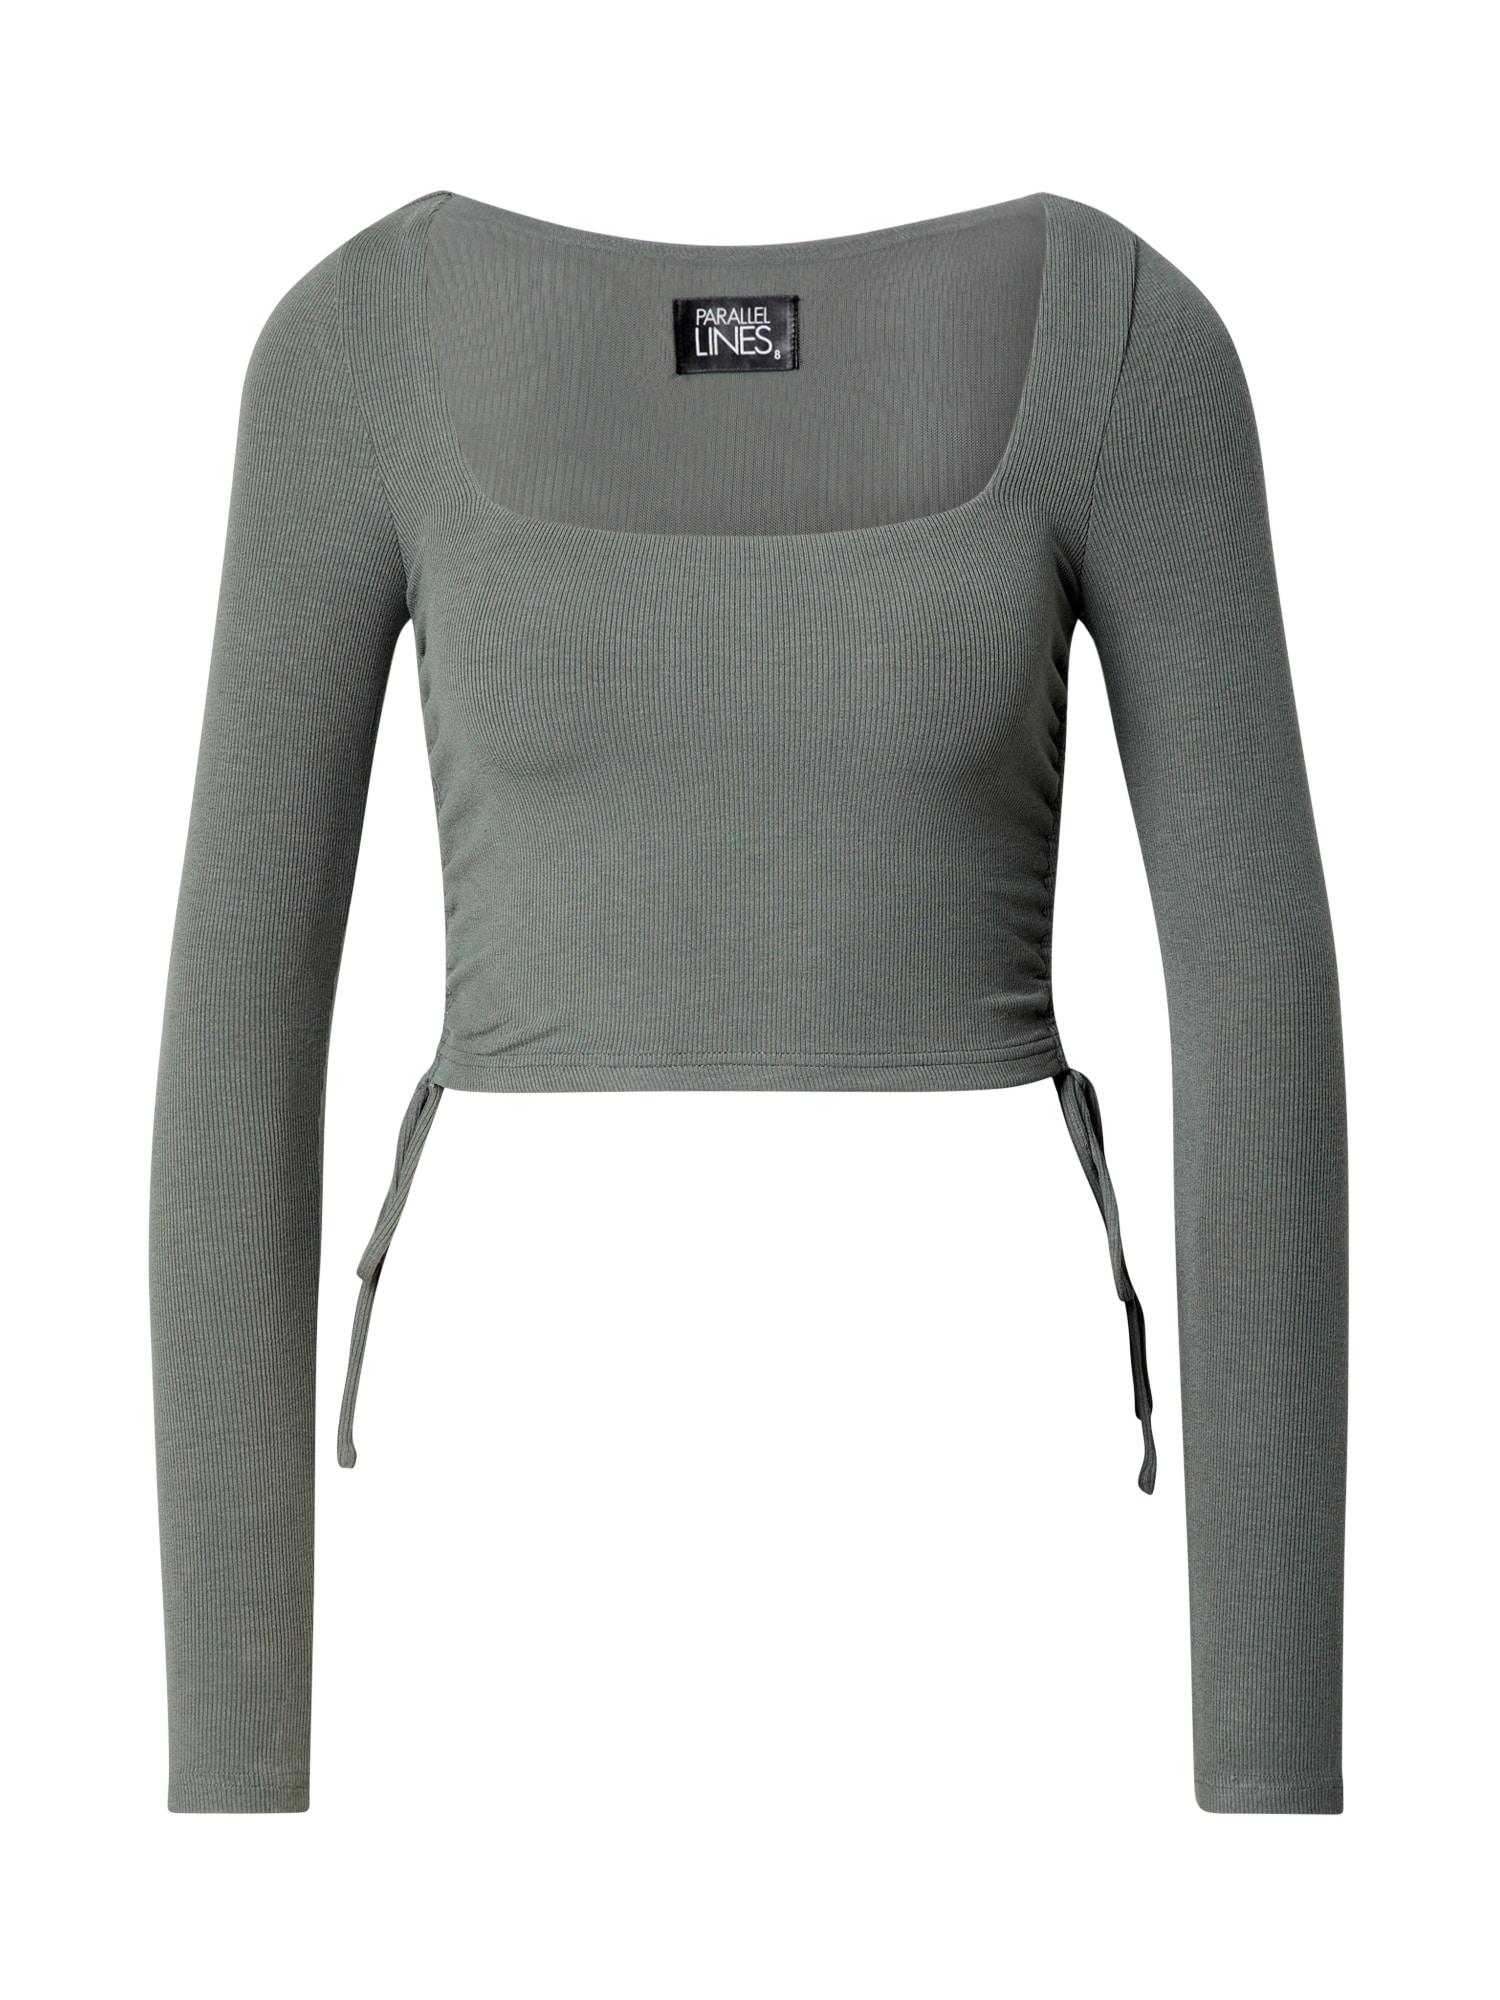 Parallel Lines Marškinėliai pastelinė žalia